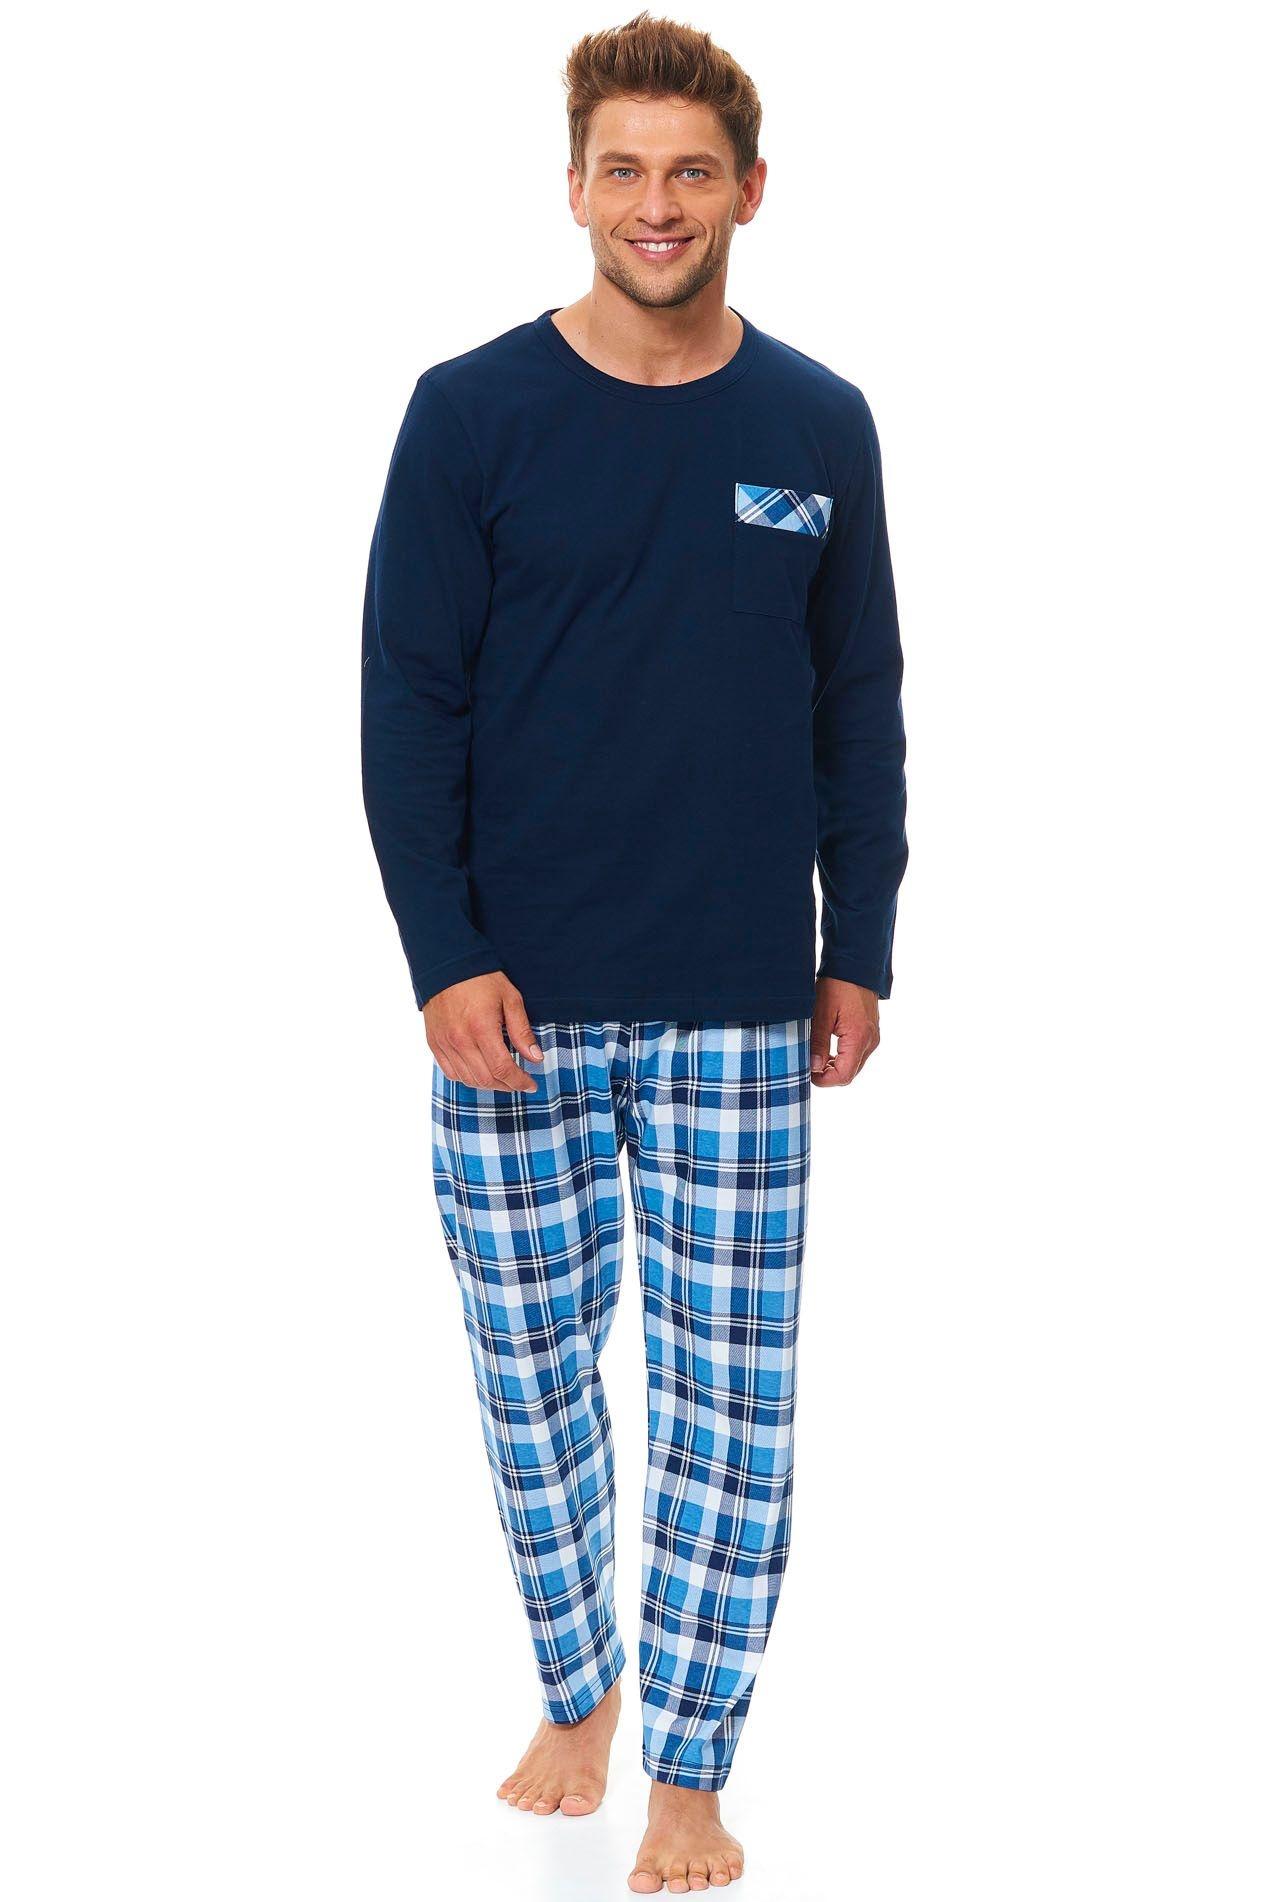 e7b4e91a8af4 Pánske bavlnené pyžamo Tom tmavo modré dlhé - ELEGANT.sk